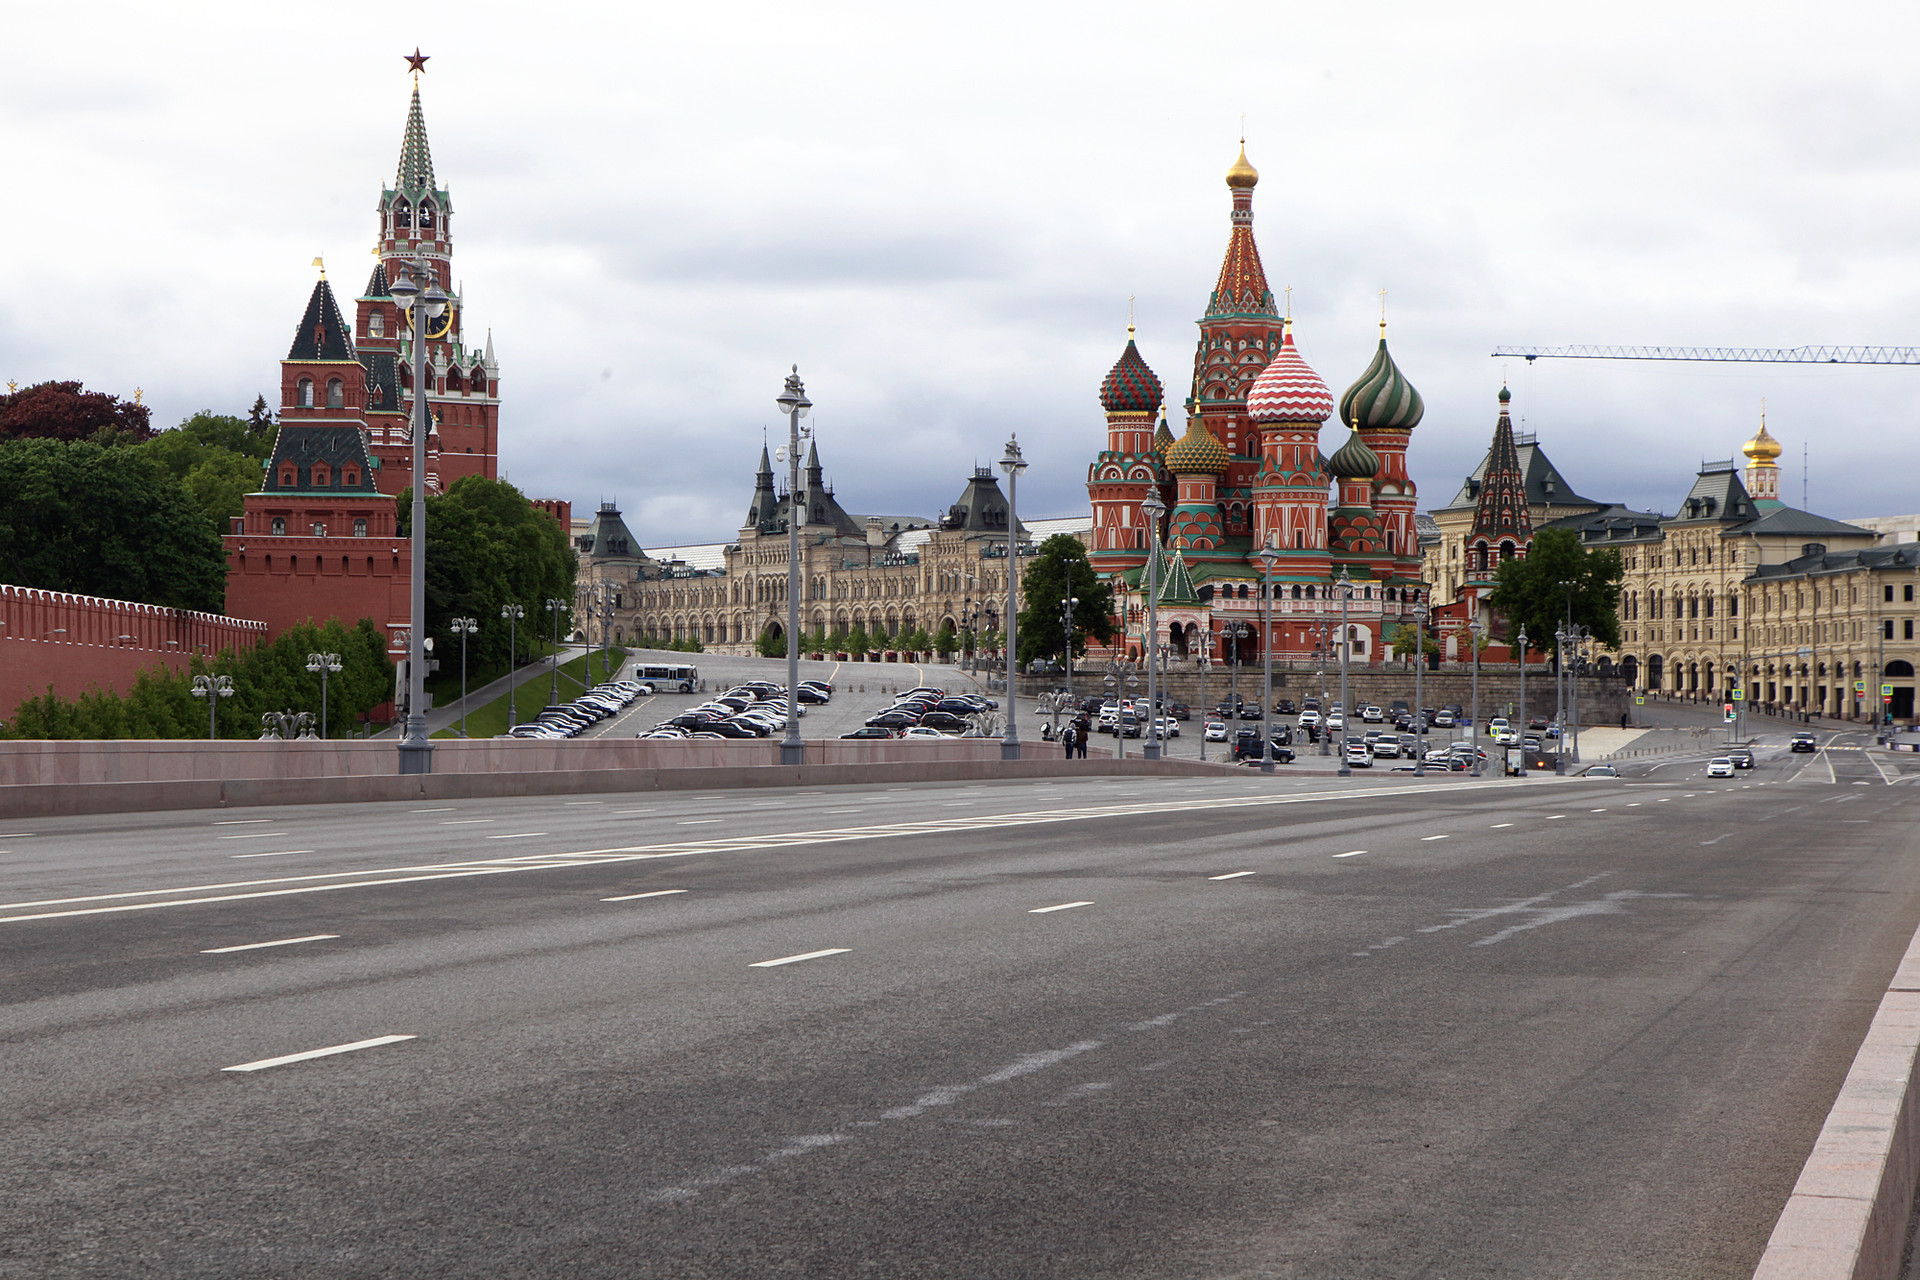 Suasana lalu lintas di Jembatan Bolshoy Moskvoretsky yang sepi dari kendaraan.